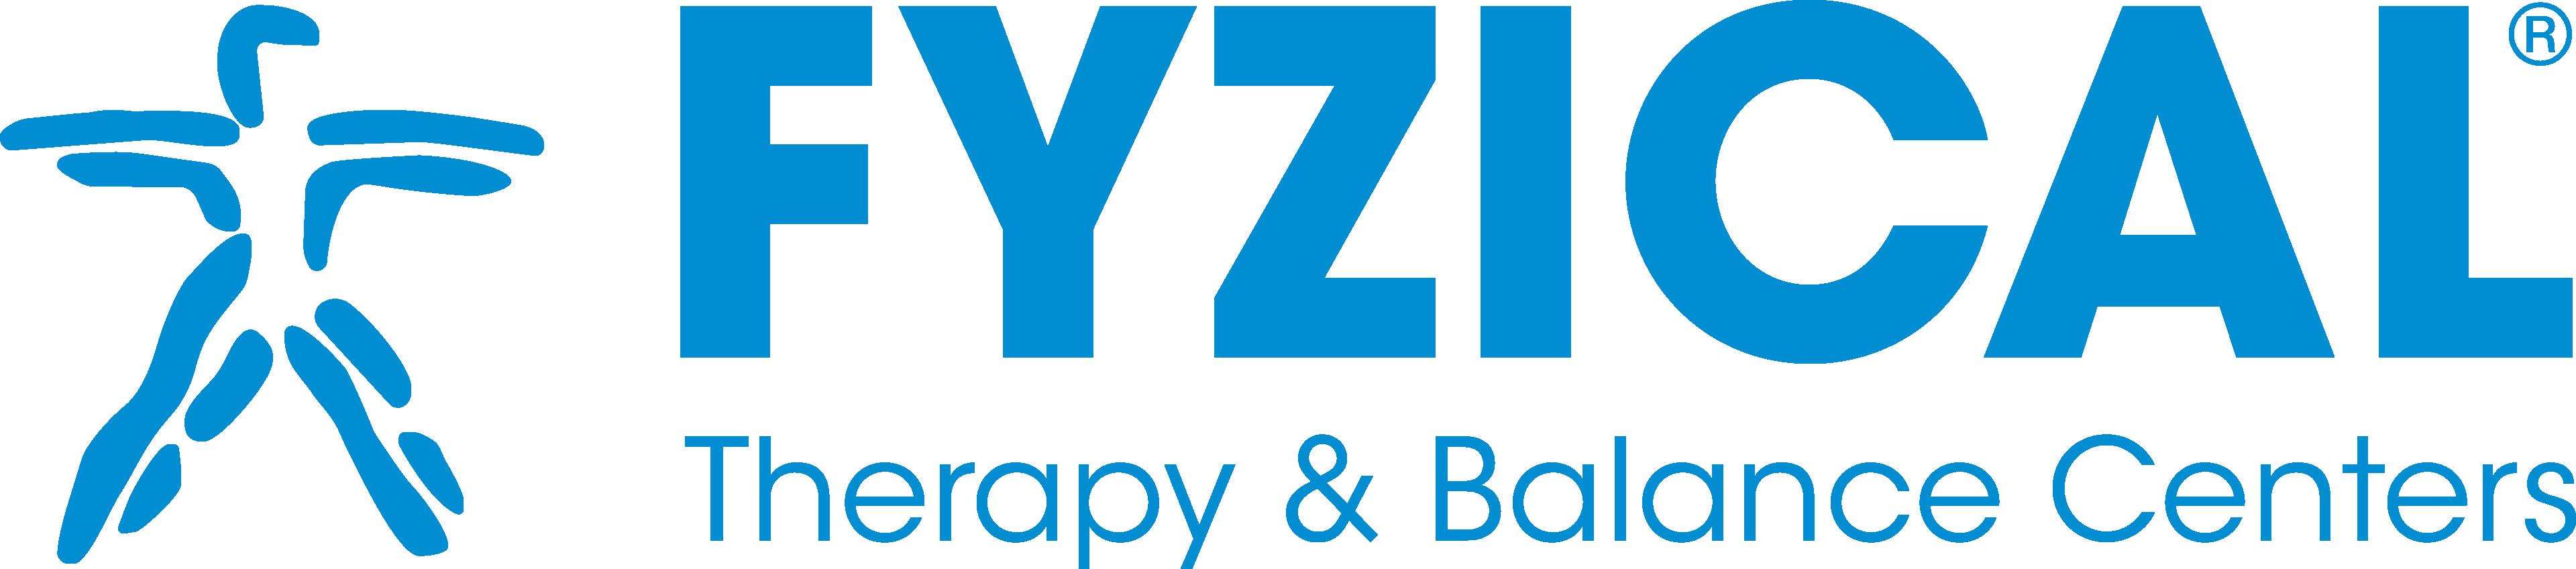 Fyzical First Logo